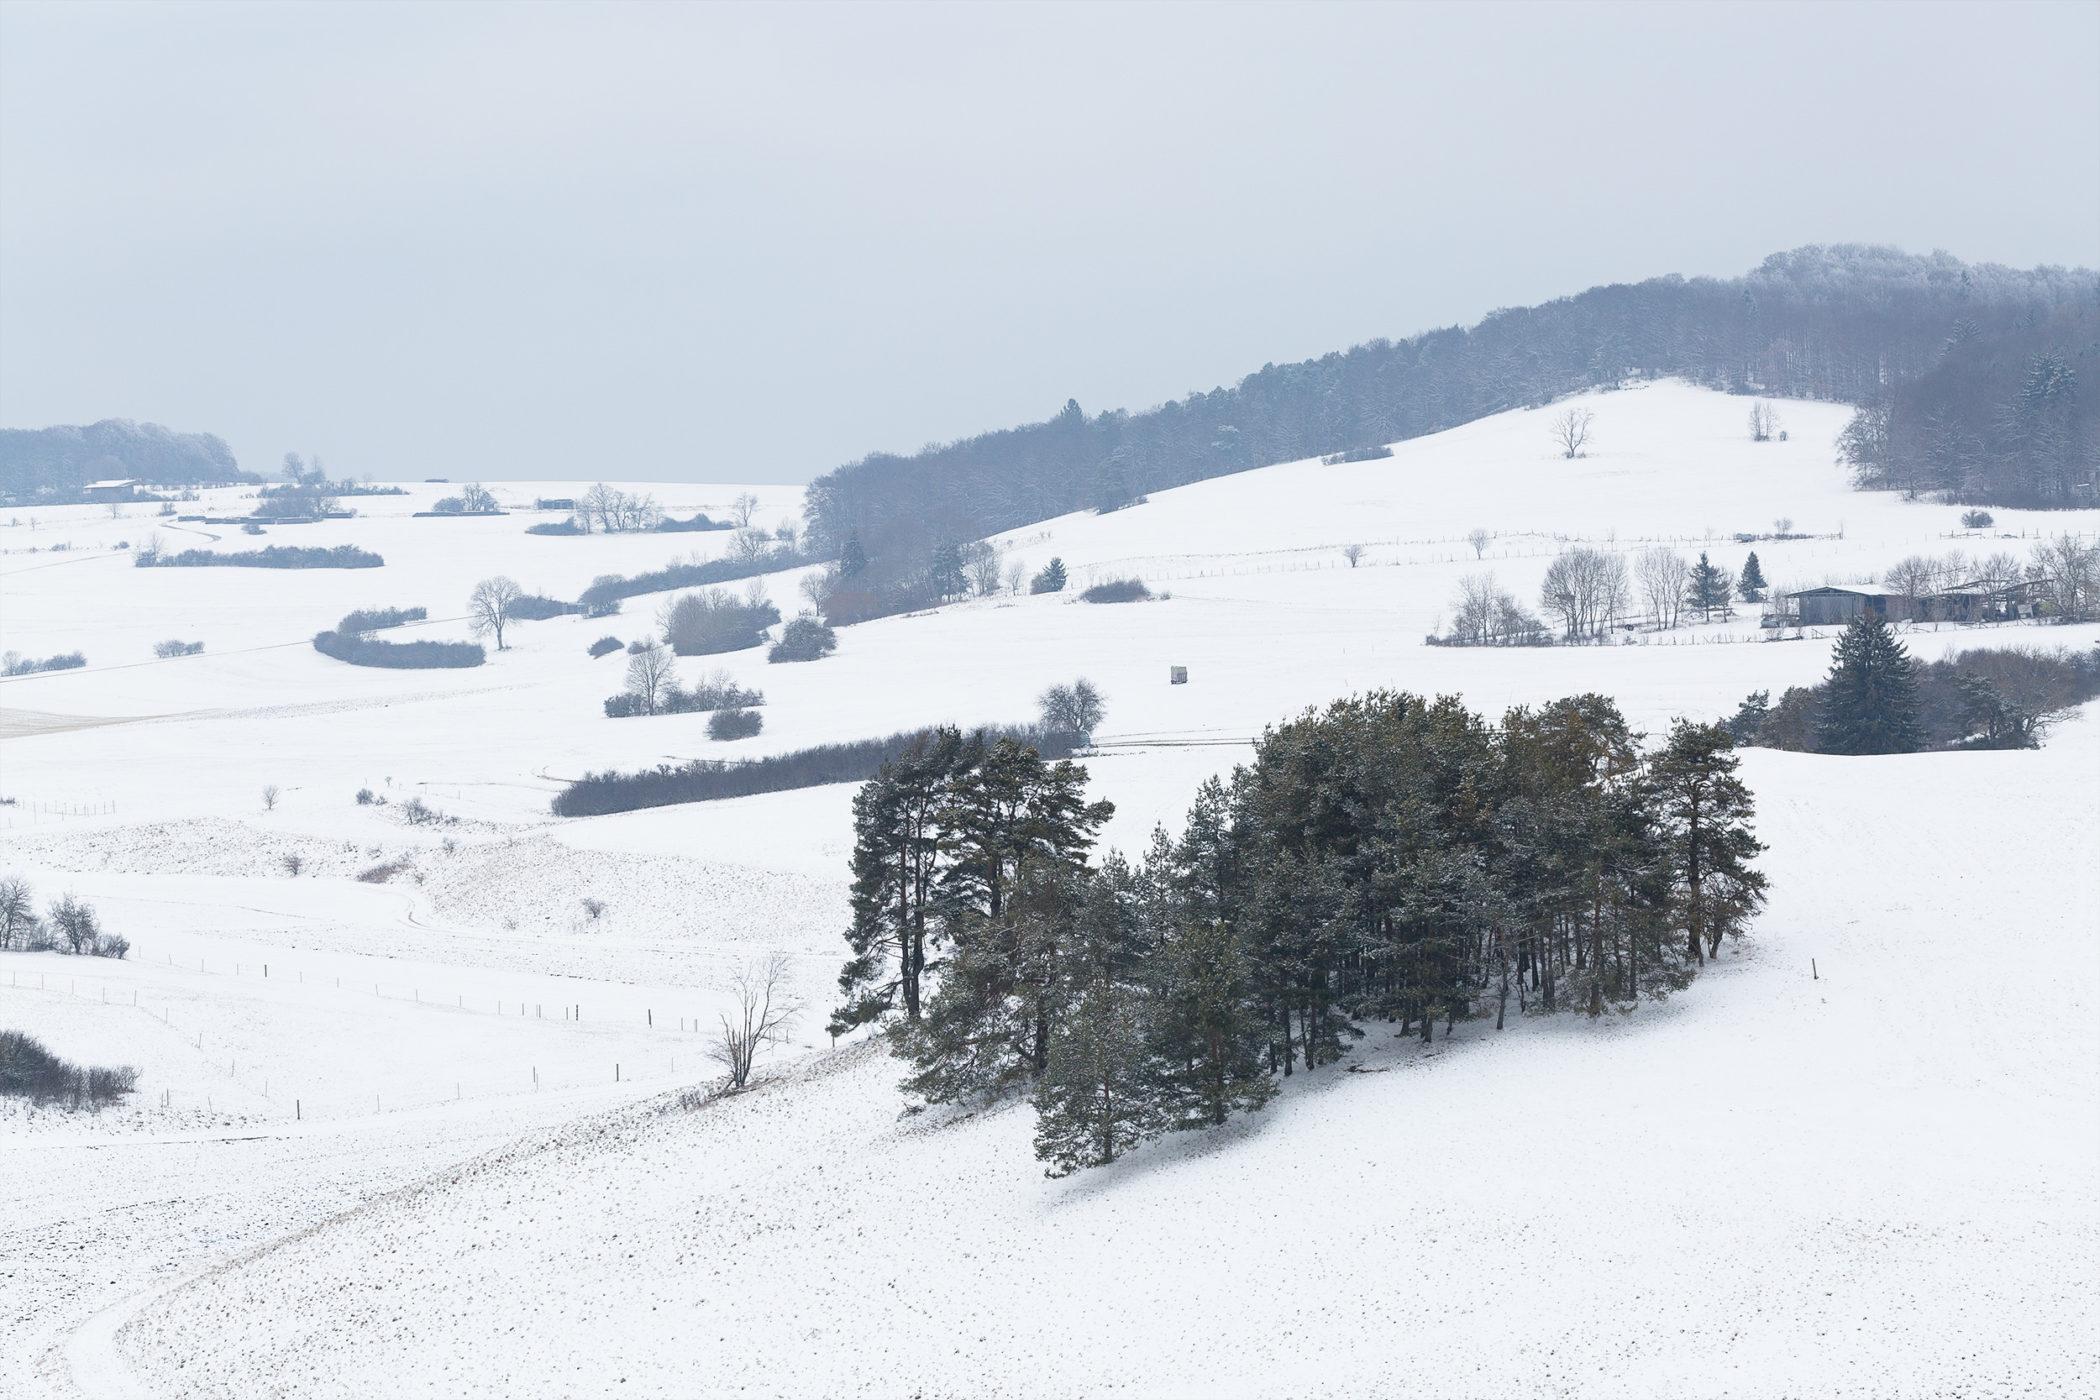 Baumgruppe auf der winterlich verschneiten Schwäbischen Alb. Aufgenommen bei Undingen am Kalkfelsen.